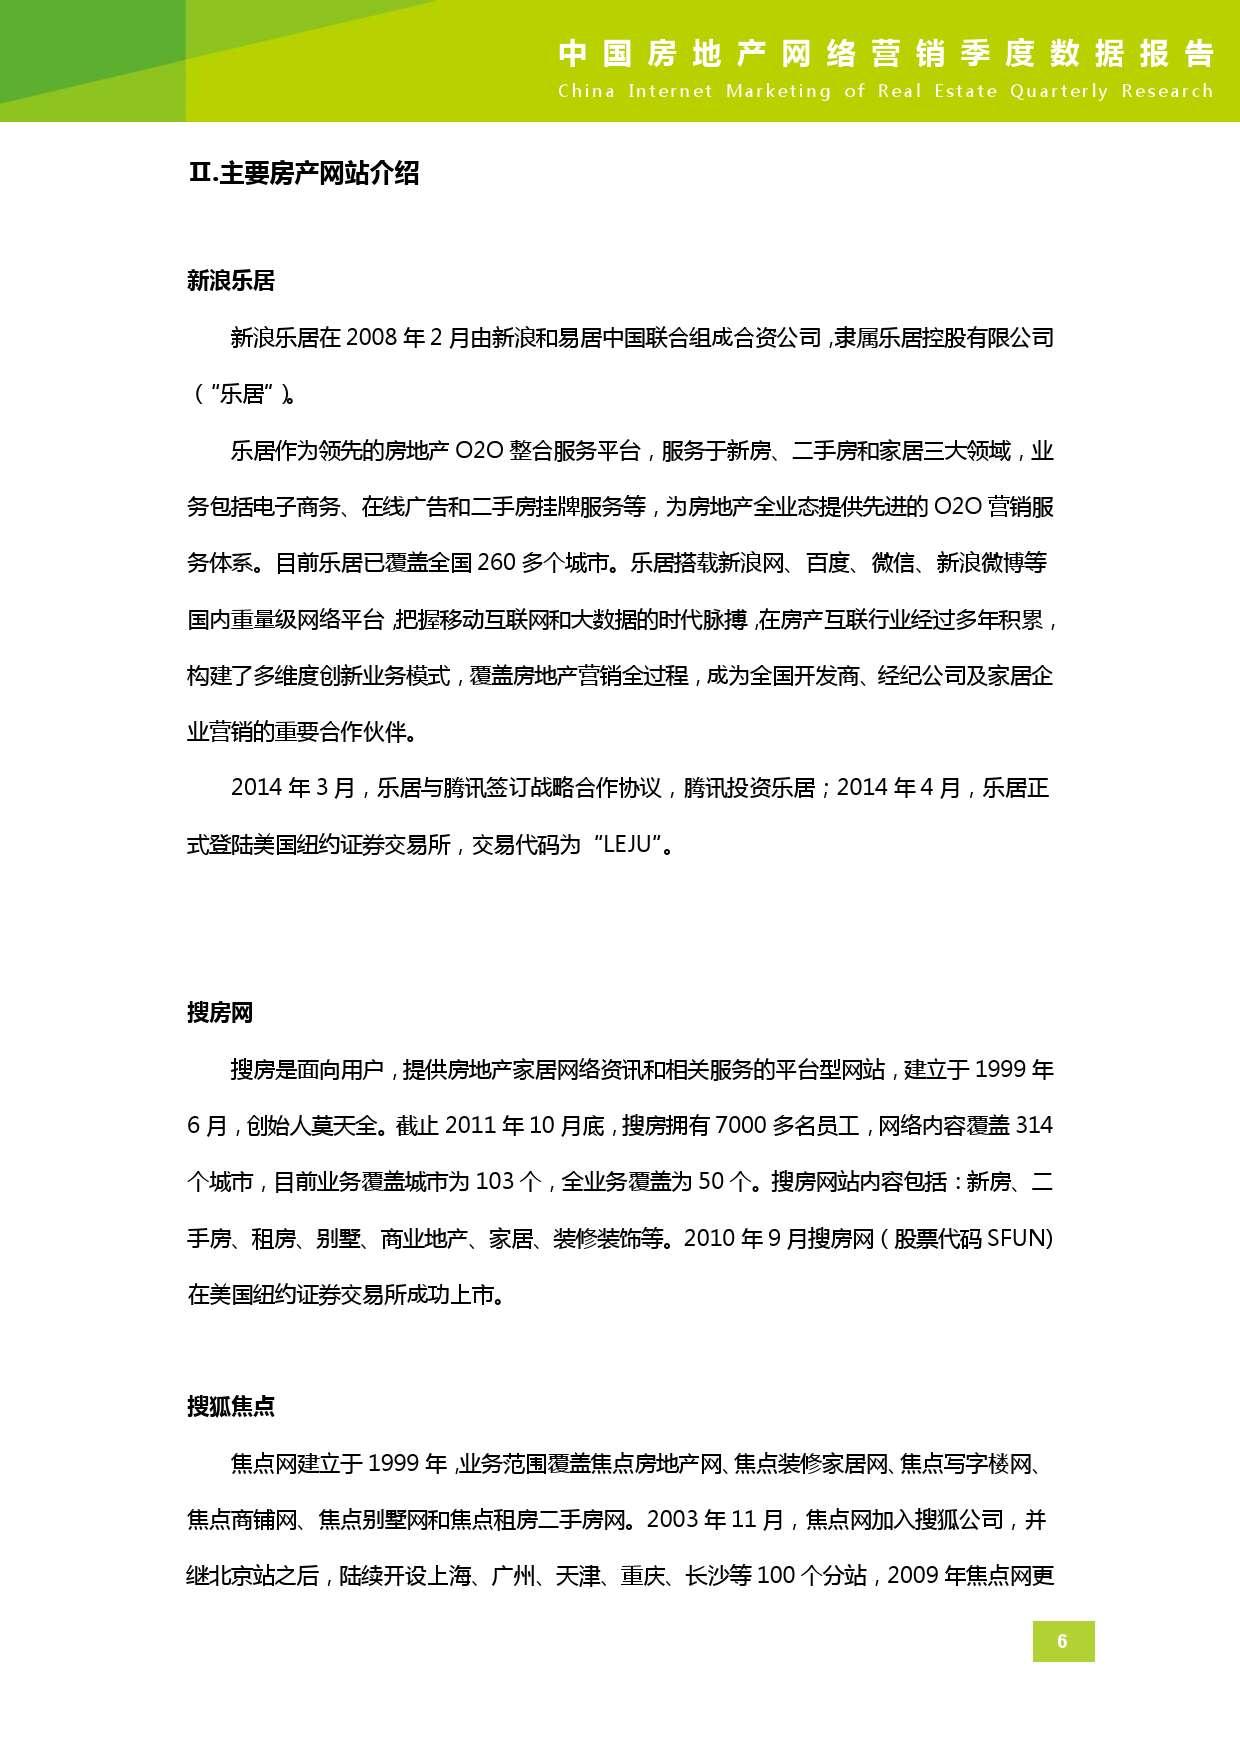 2015年Q3中国房地产网络营销季度数据报告_000007